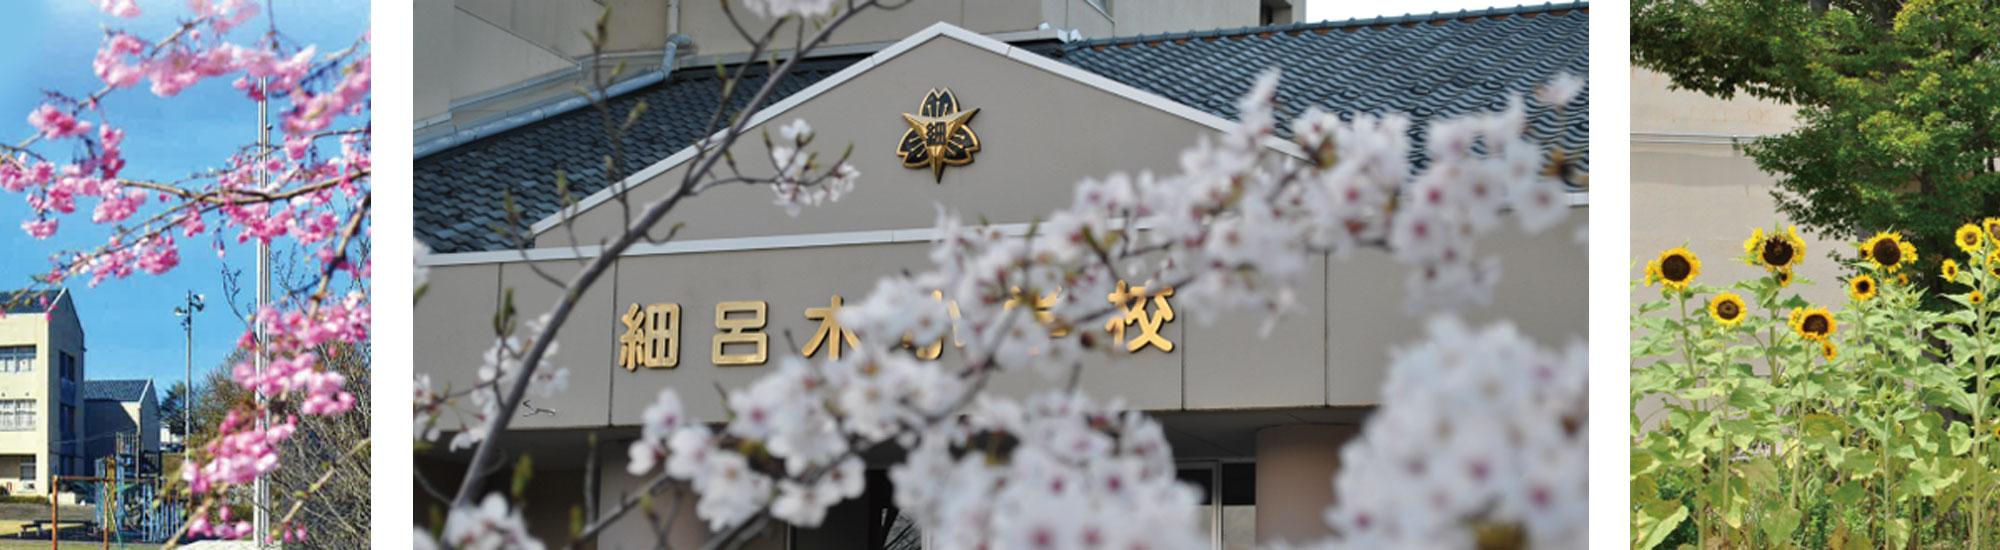 細呂木小学校の玄関には桜の花が咲き乱れます